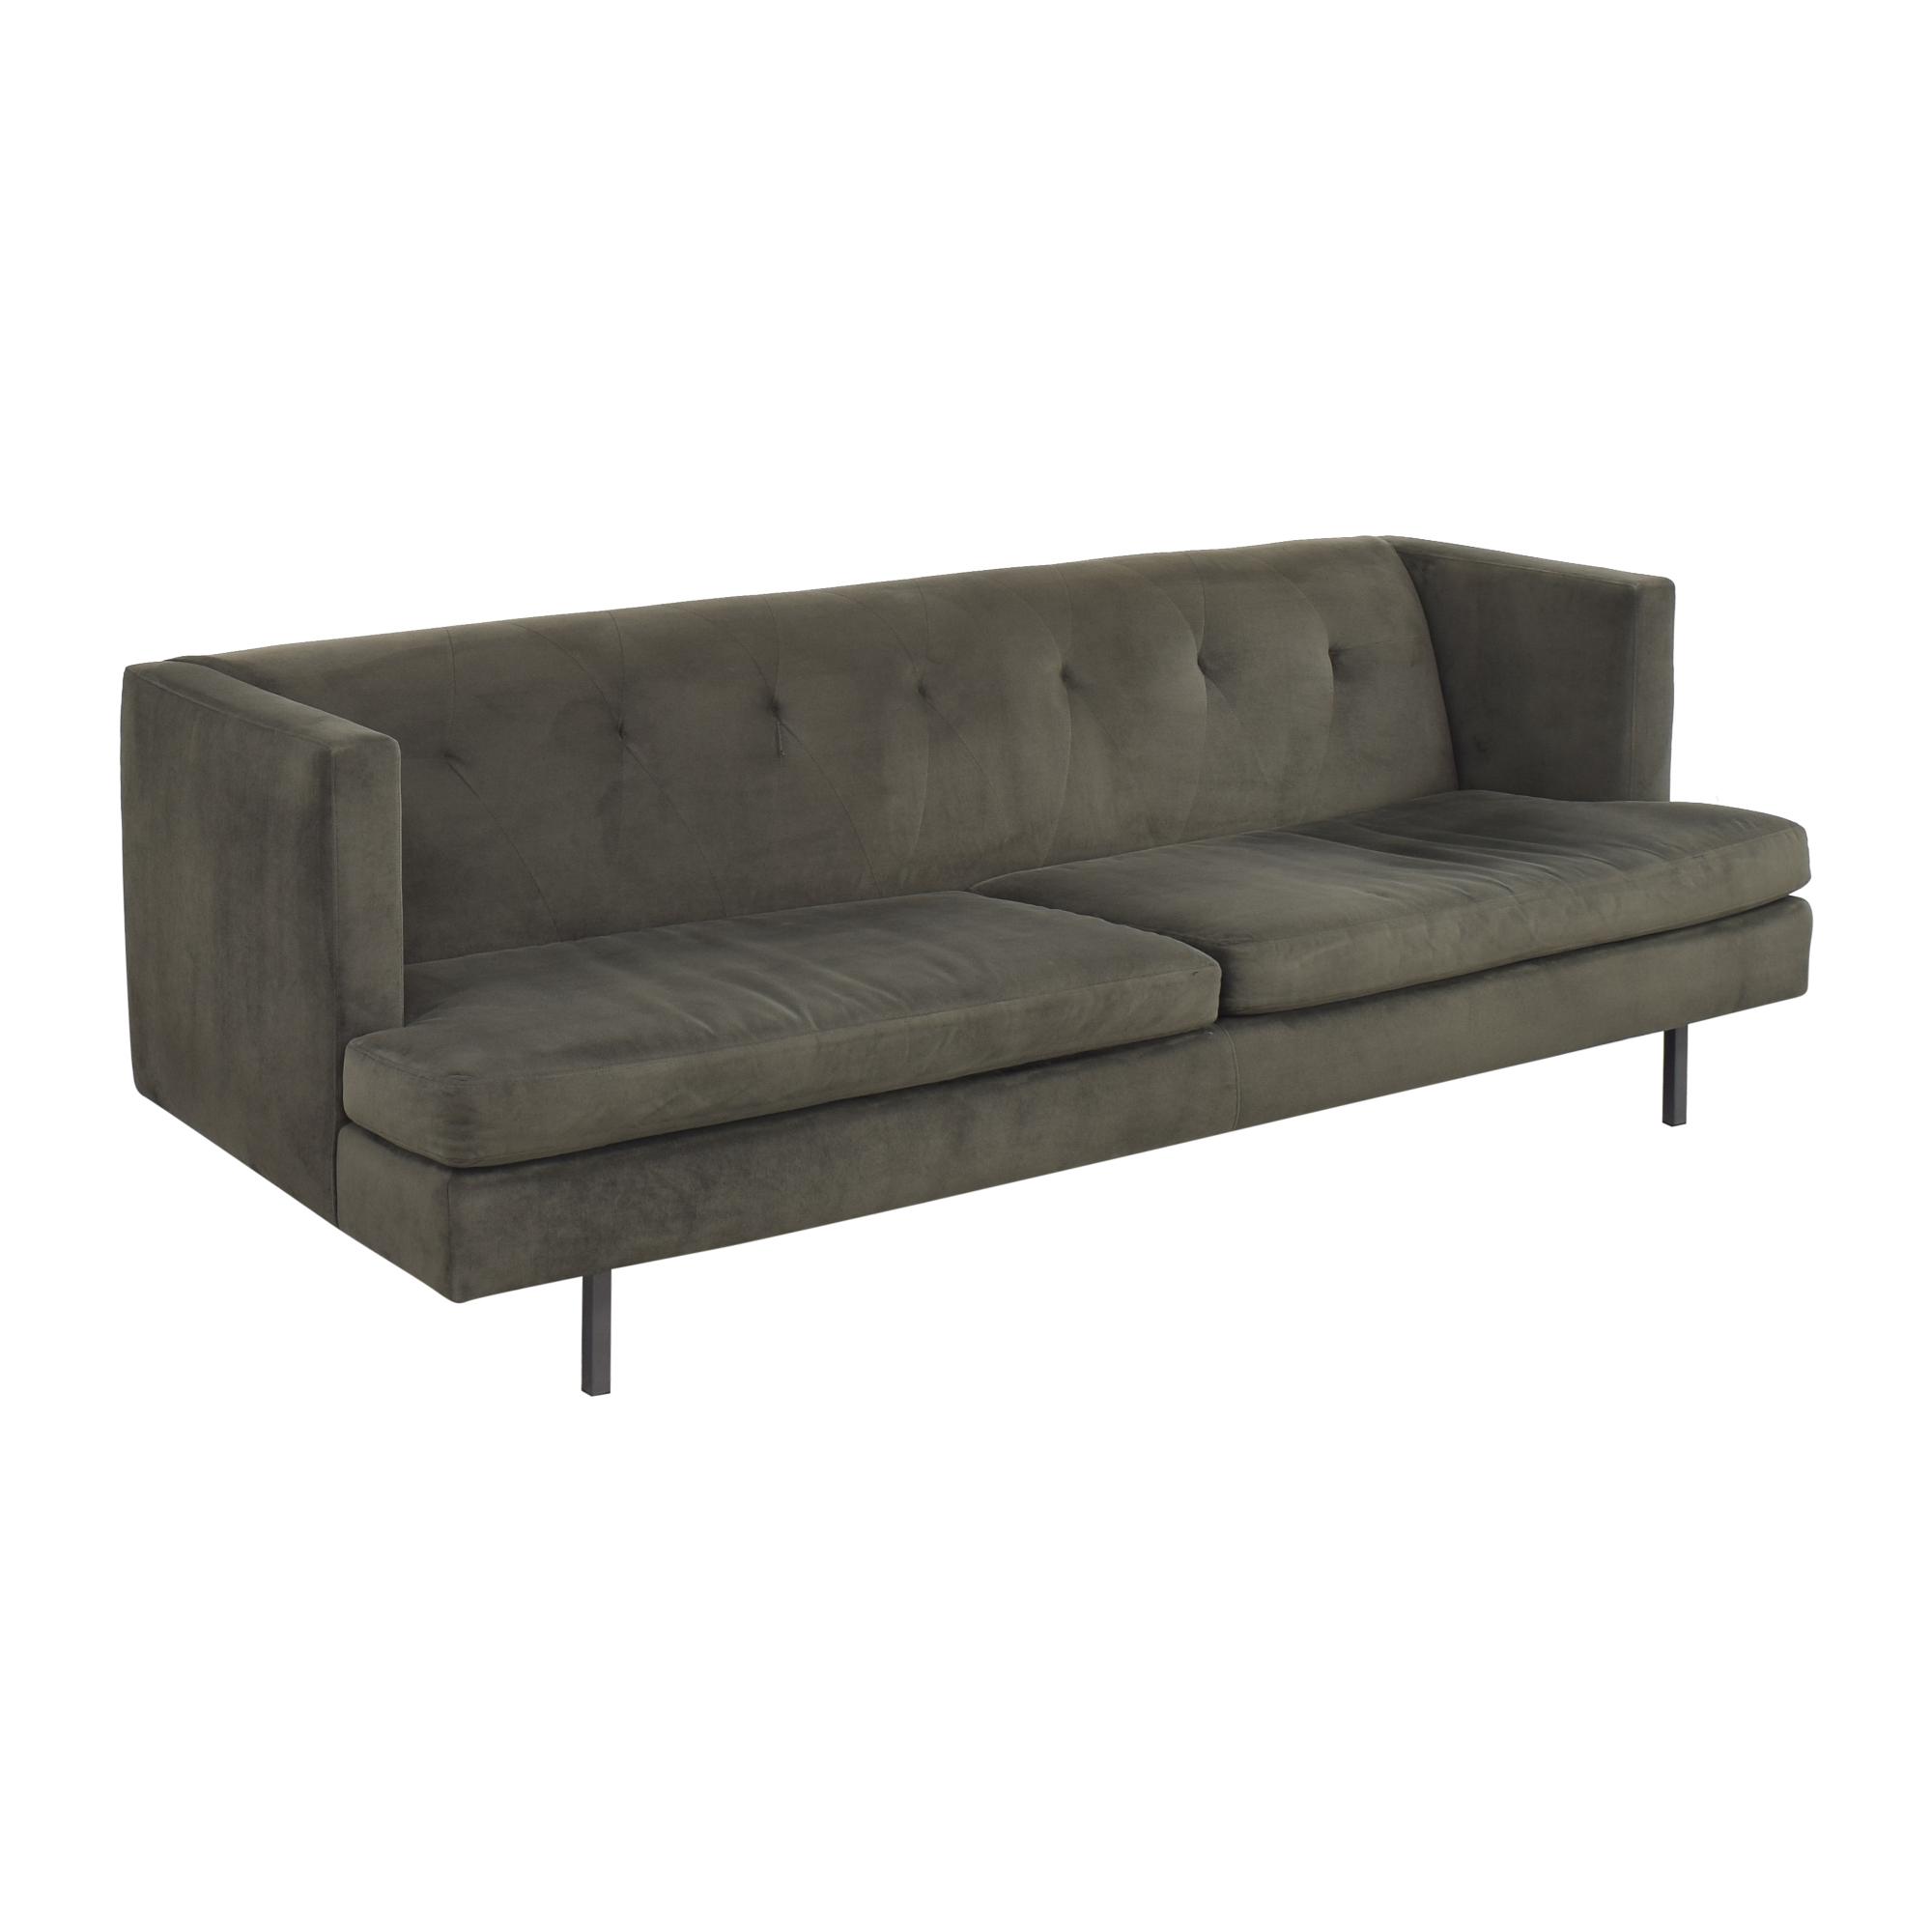 CB2 Avec Sofa / Classic Sofas